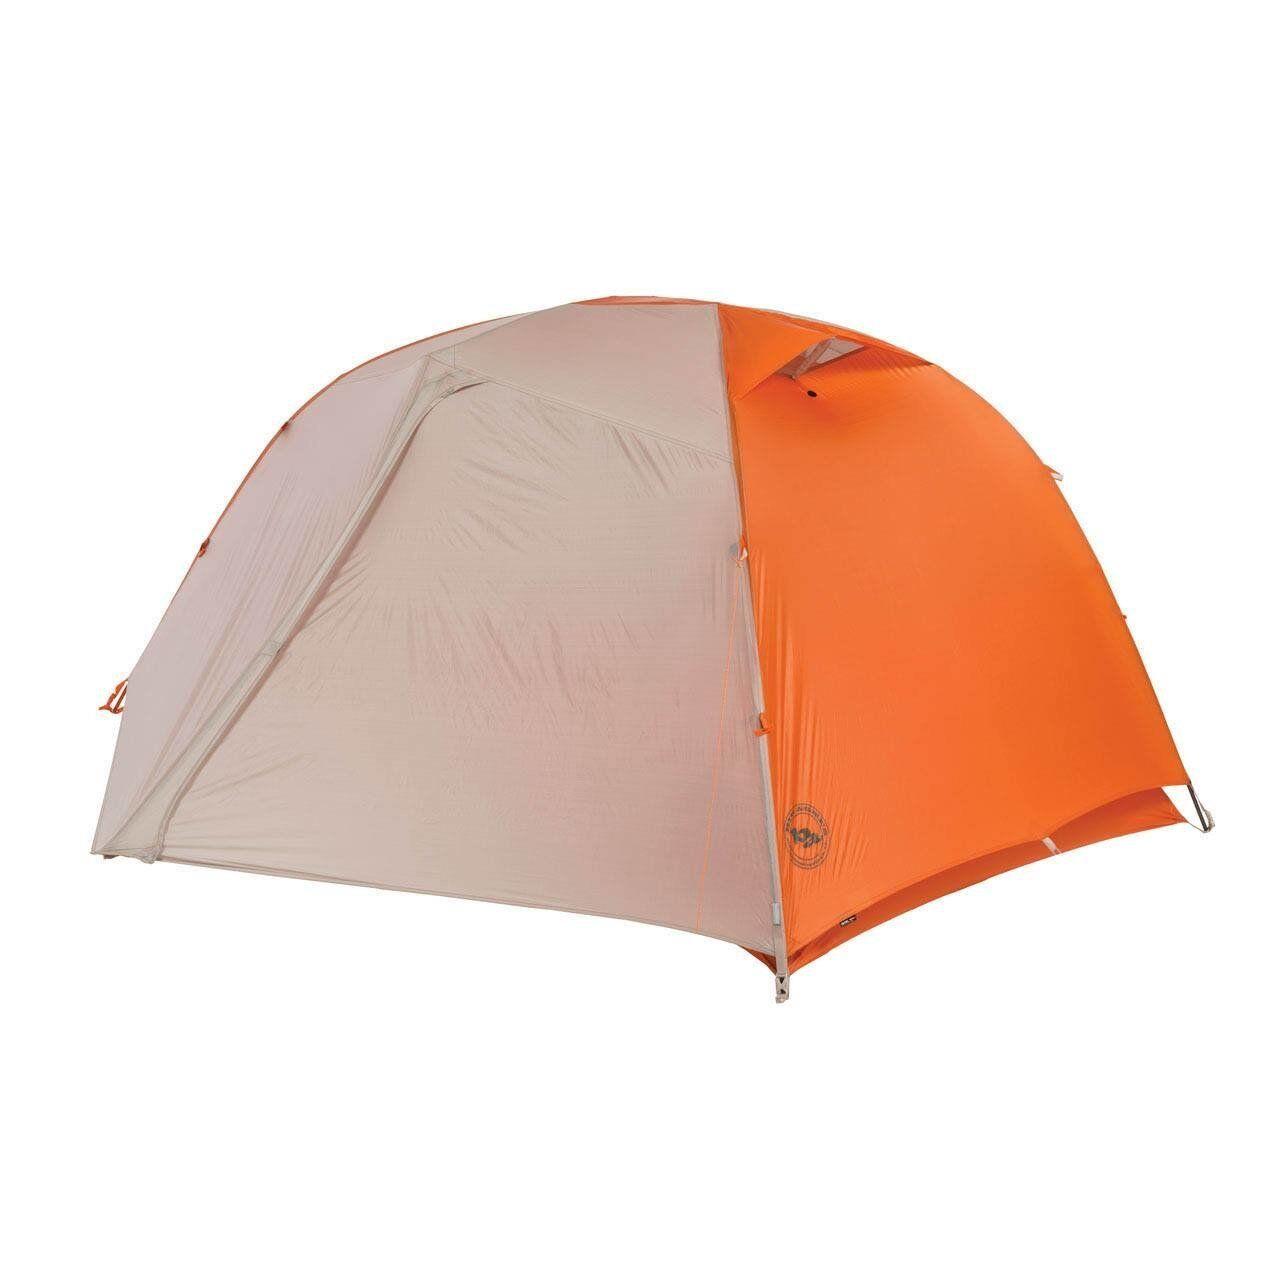 Big Agnes Copper Spur HV UL2 Tent - New